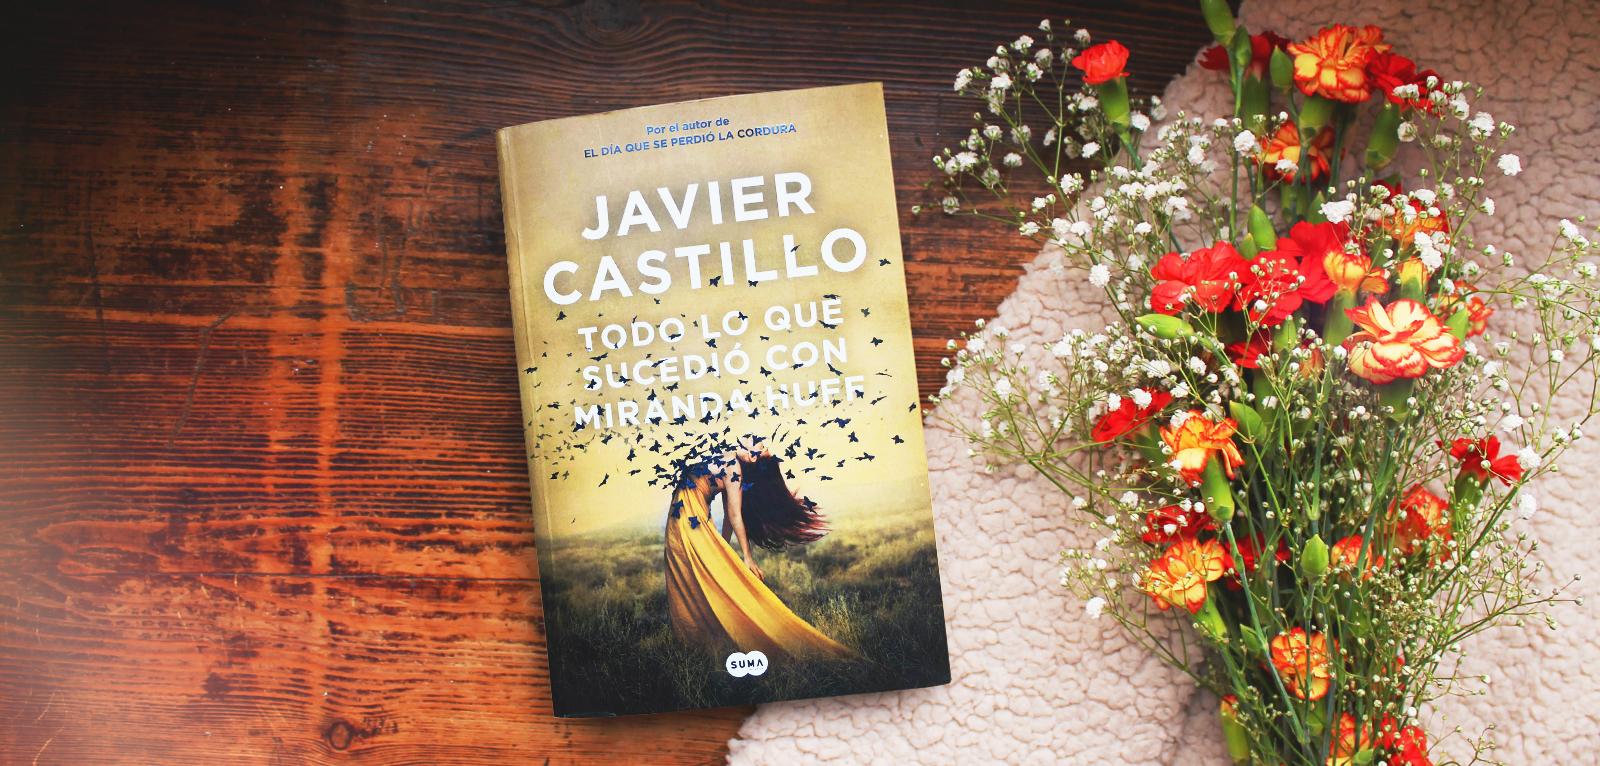 Todo lo que sucedió con Miranda Huff · Javier Castillo